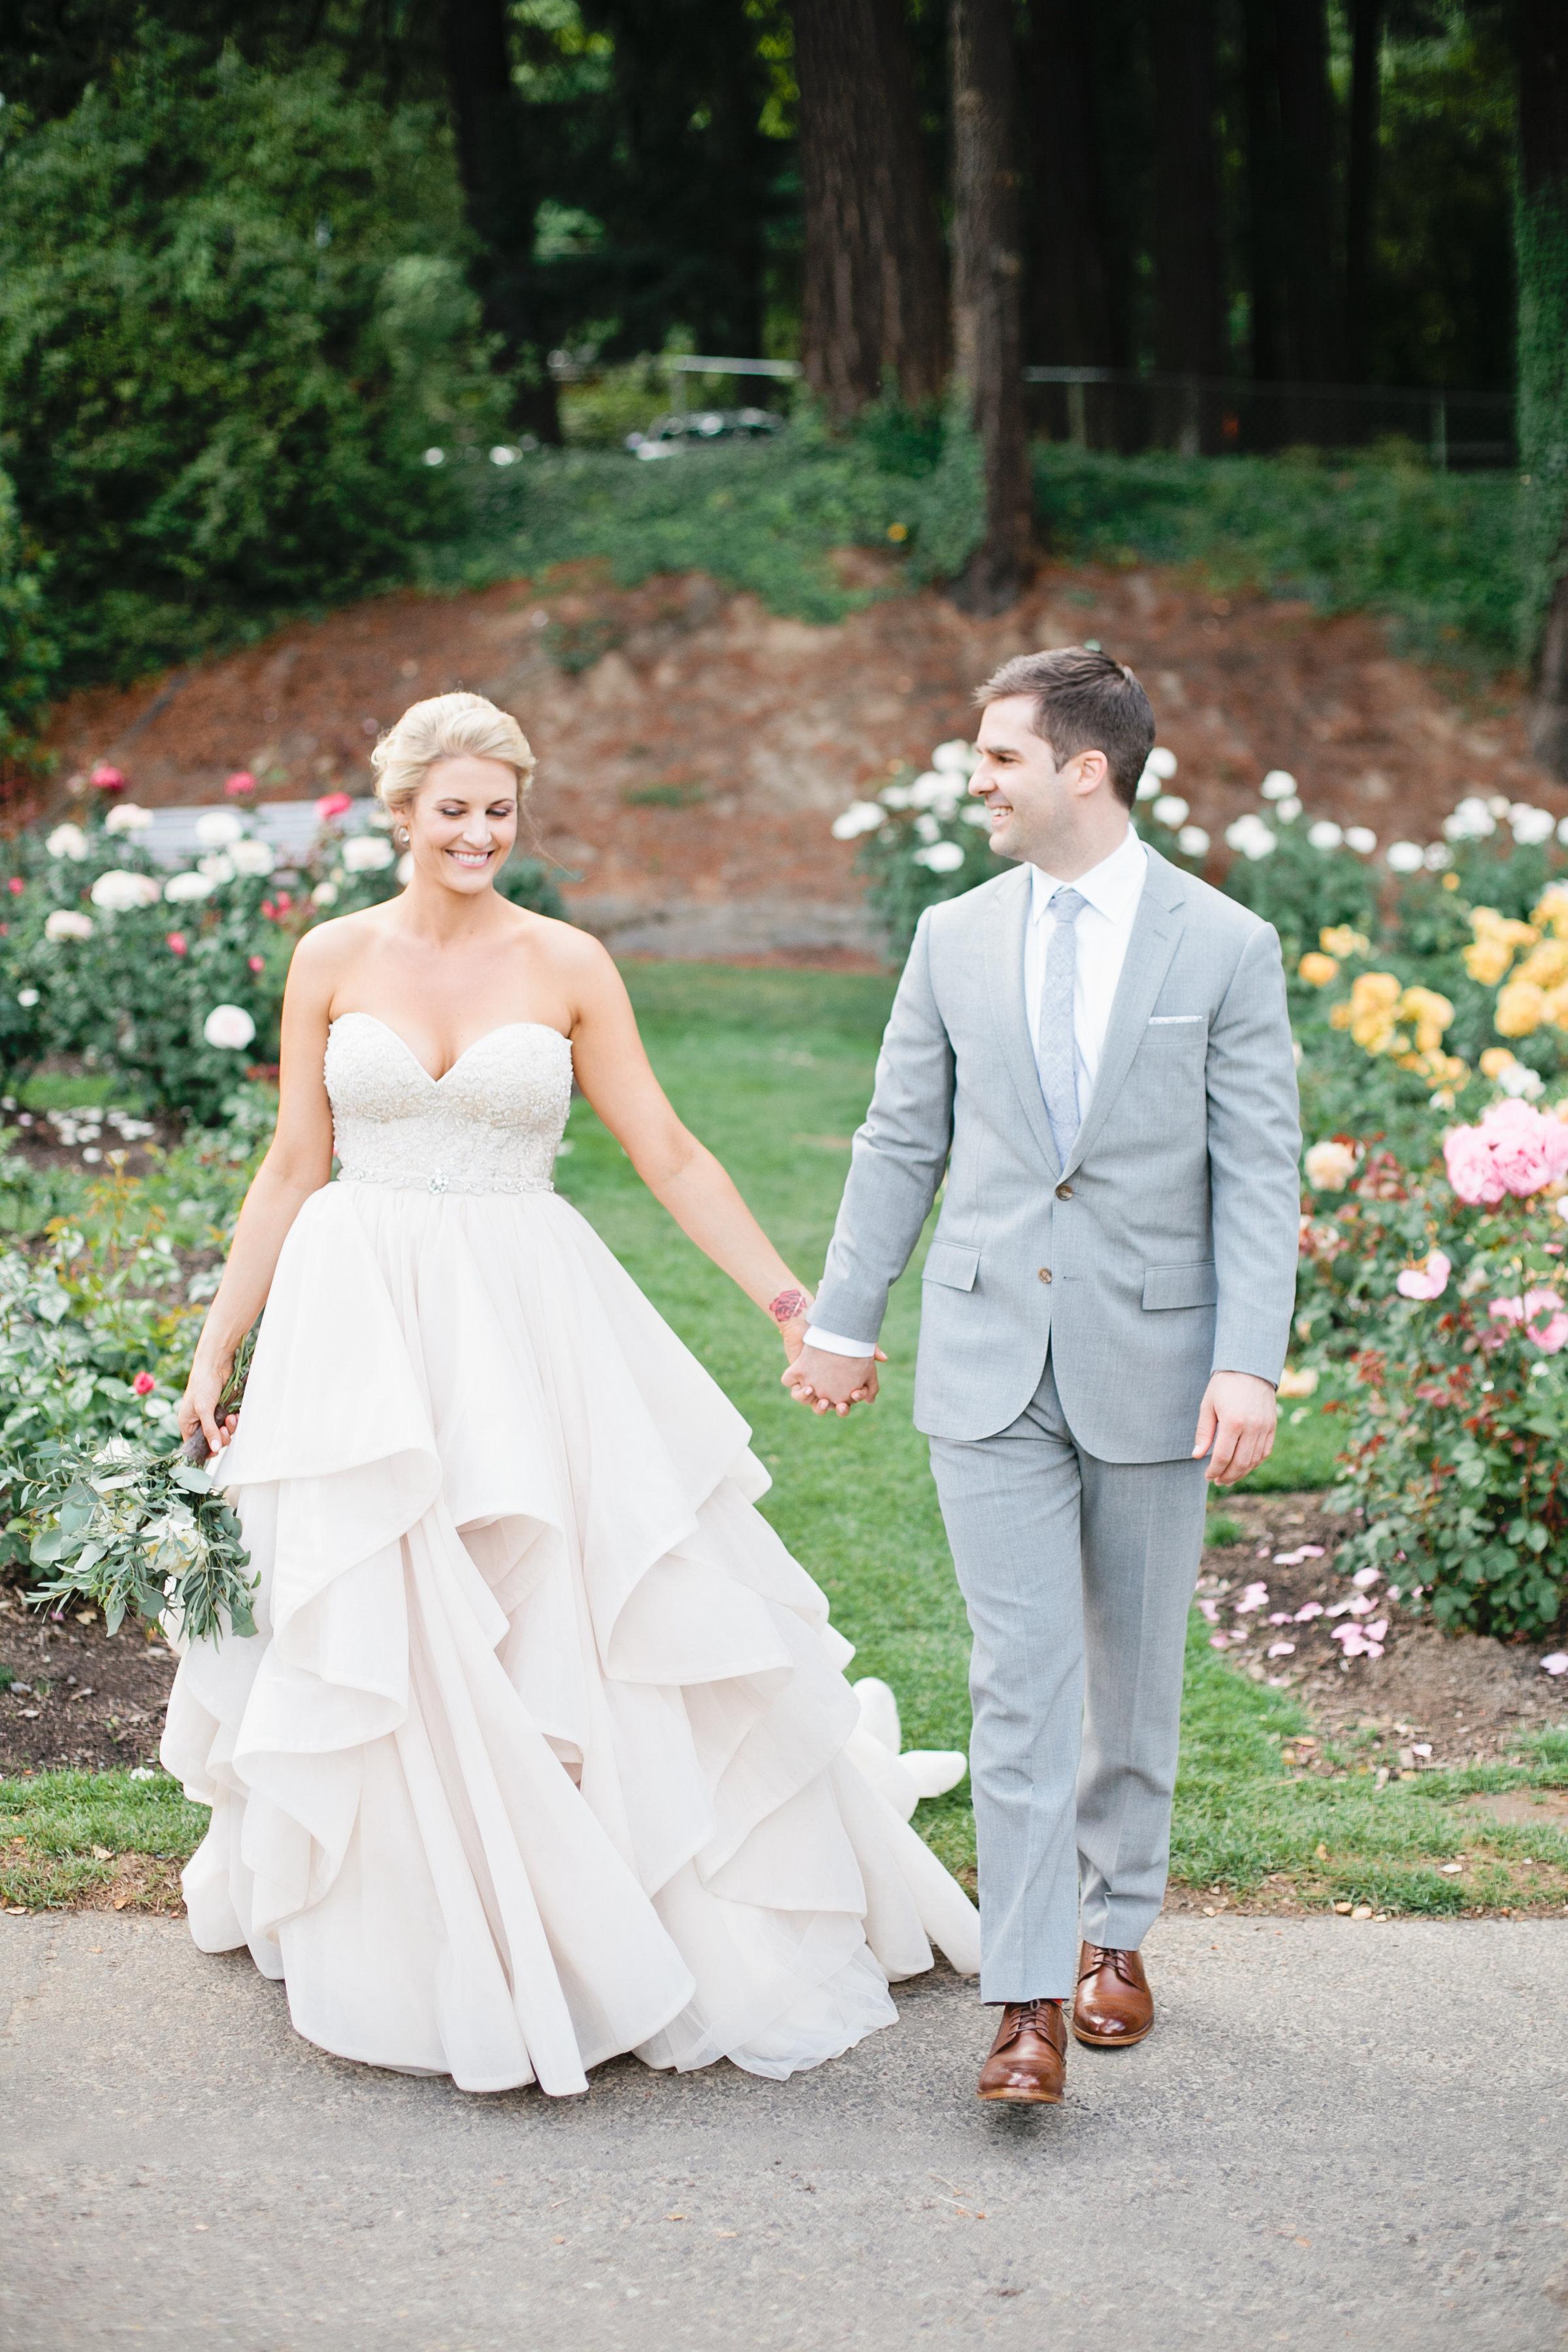 Meredith + Scott - Styling by Ashley Spence